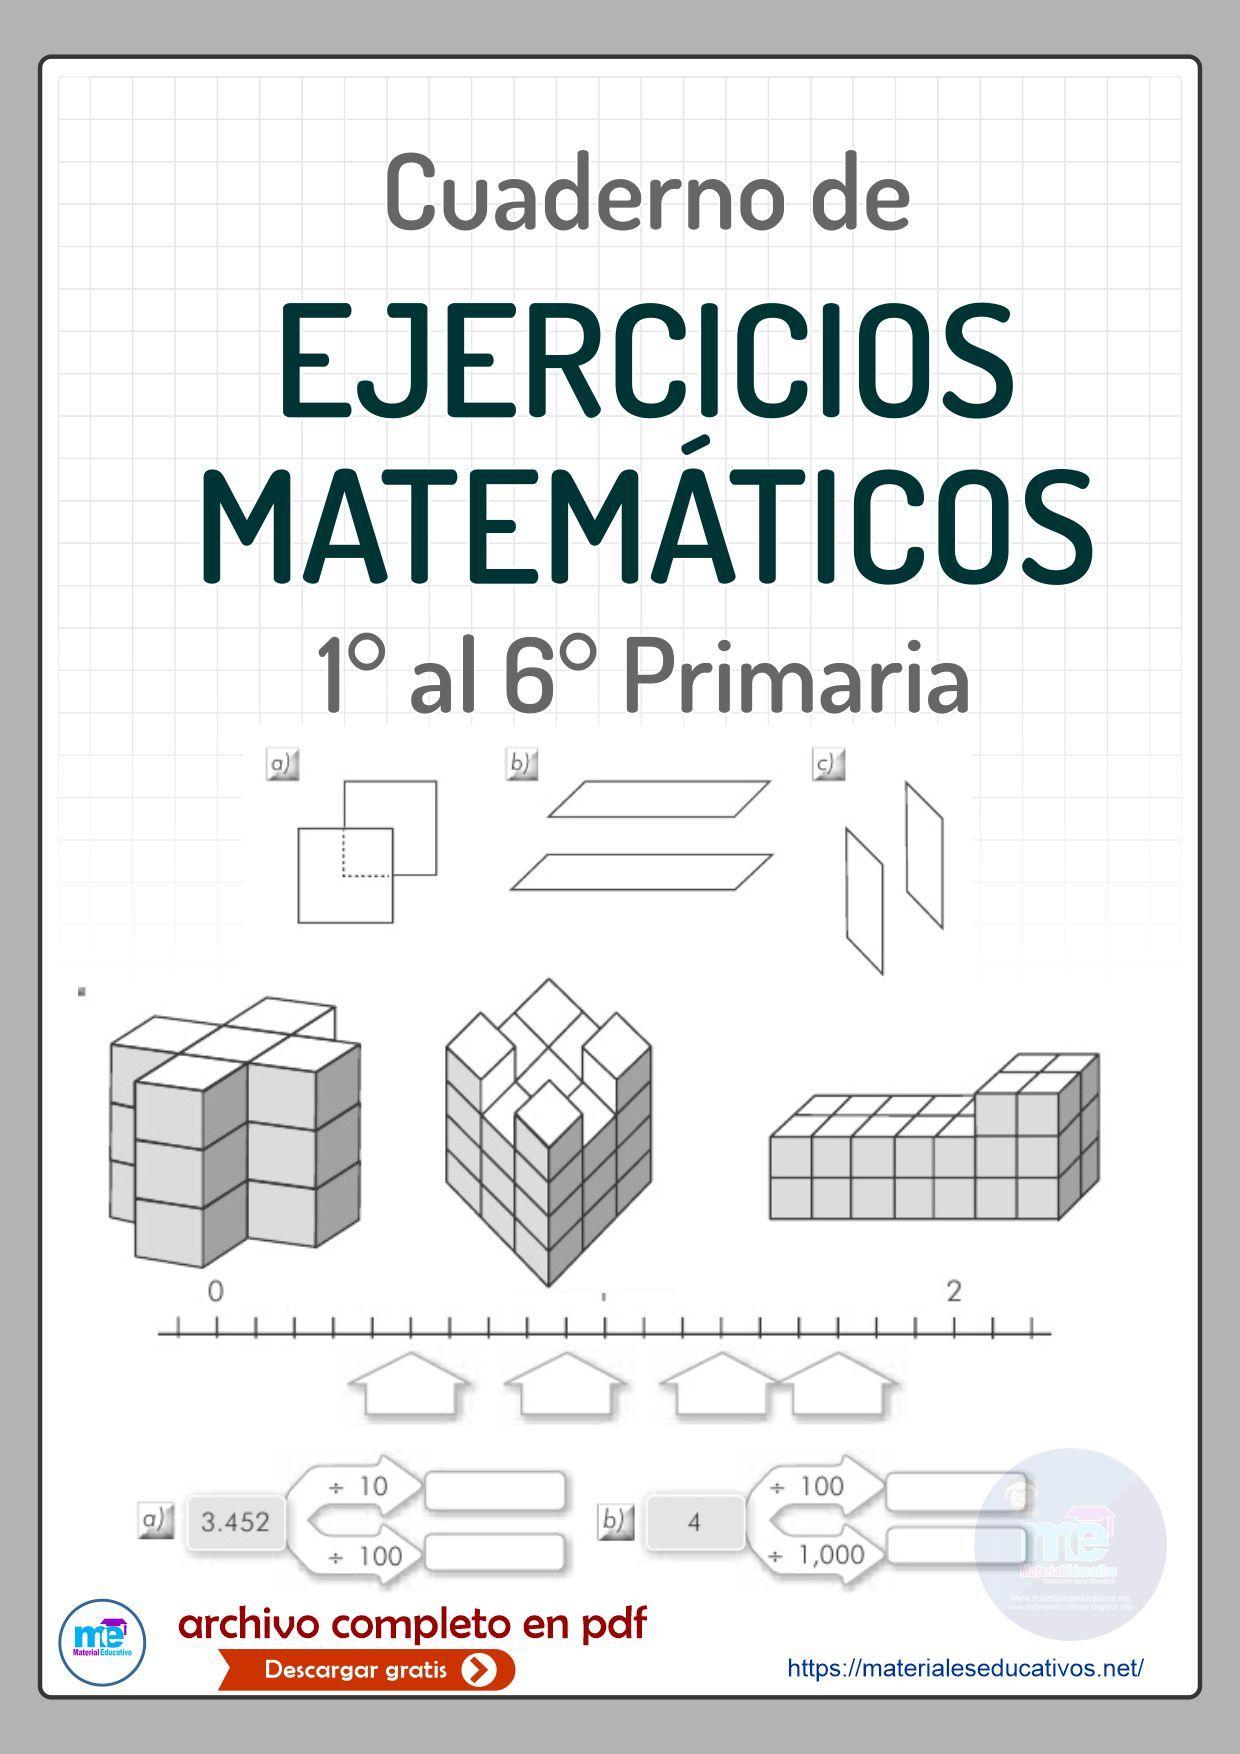 Cuaderno De Ejercicios Matemática Primaria Ejercicios Matematicas 5 Primaria Ejercicios Matematicas 3 Primaria Acertijos Matematicos Para Primaria